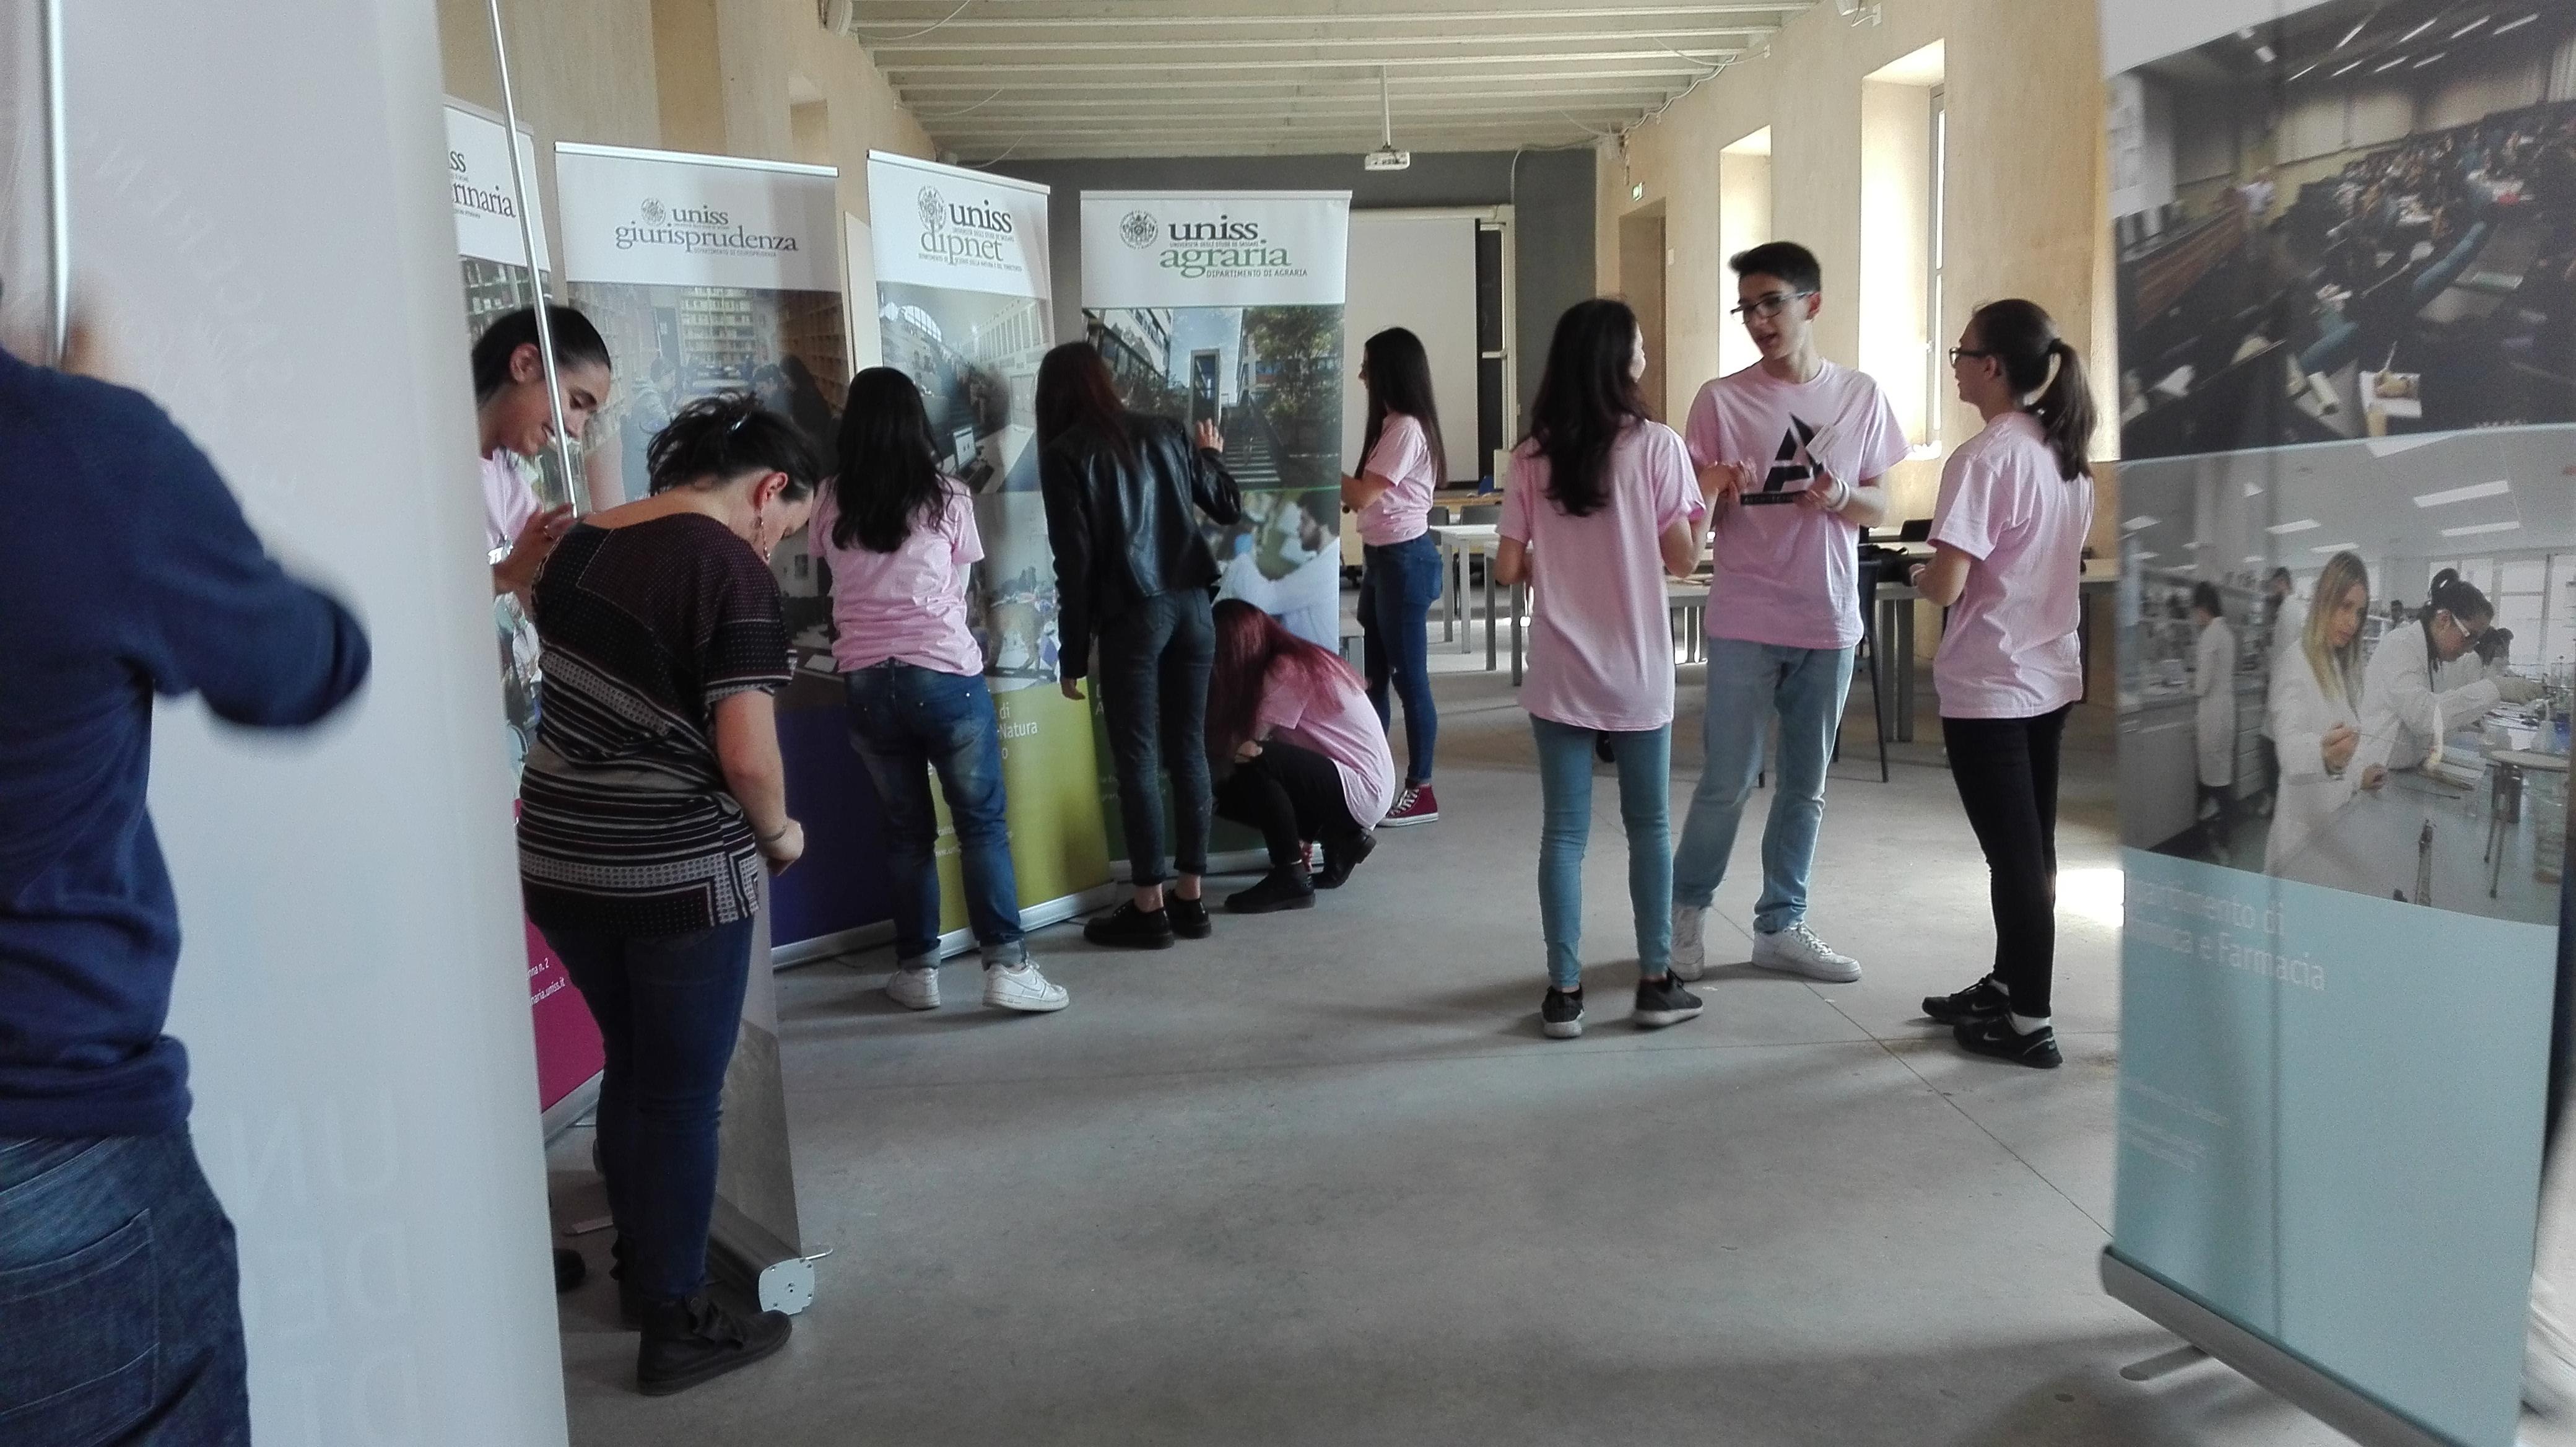 Ufficio Web Architetti Sassari : Alternanza scuola lavoro università degli studi di sassari